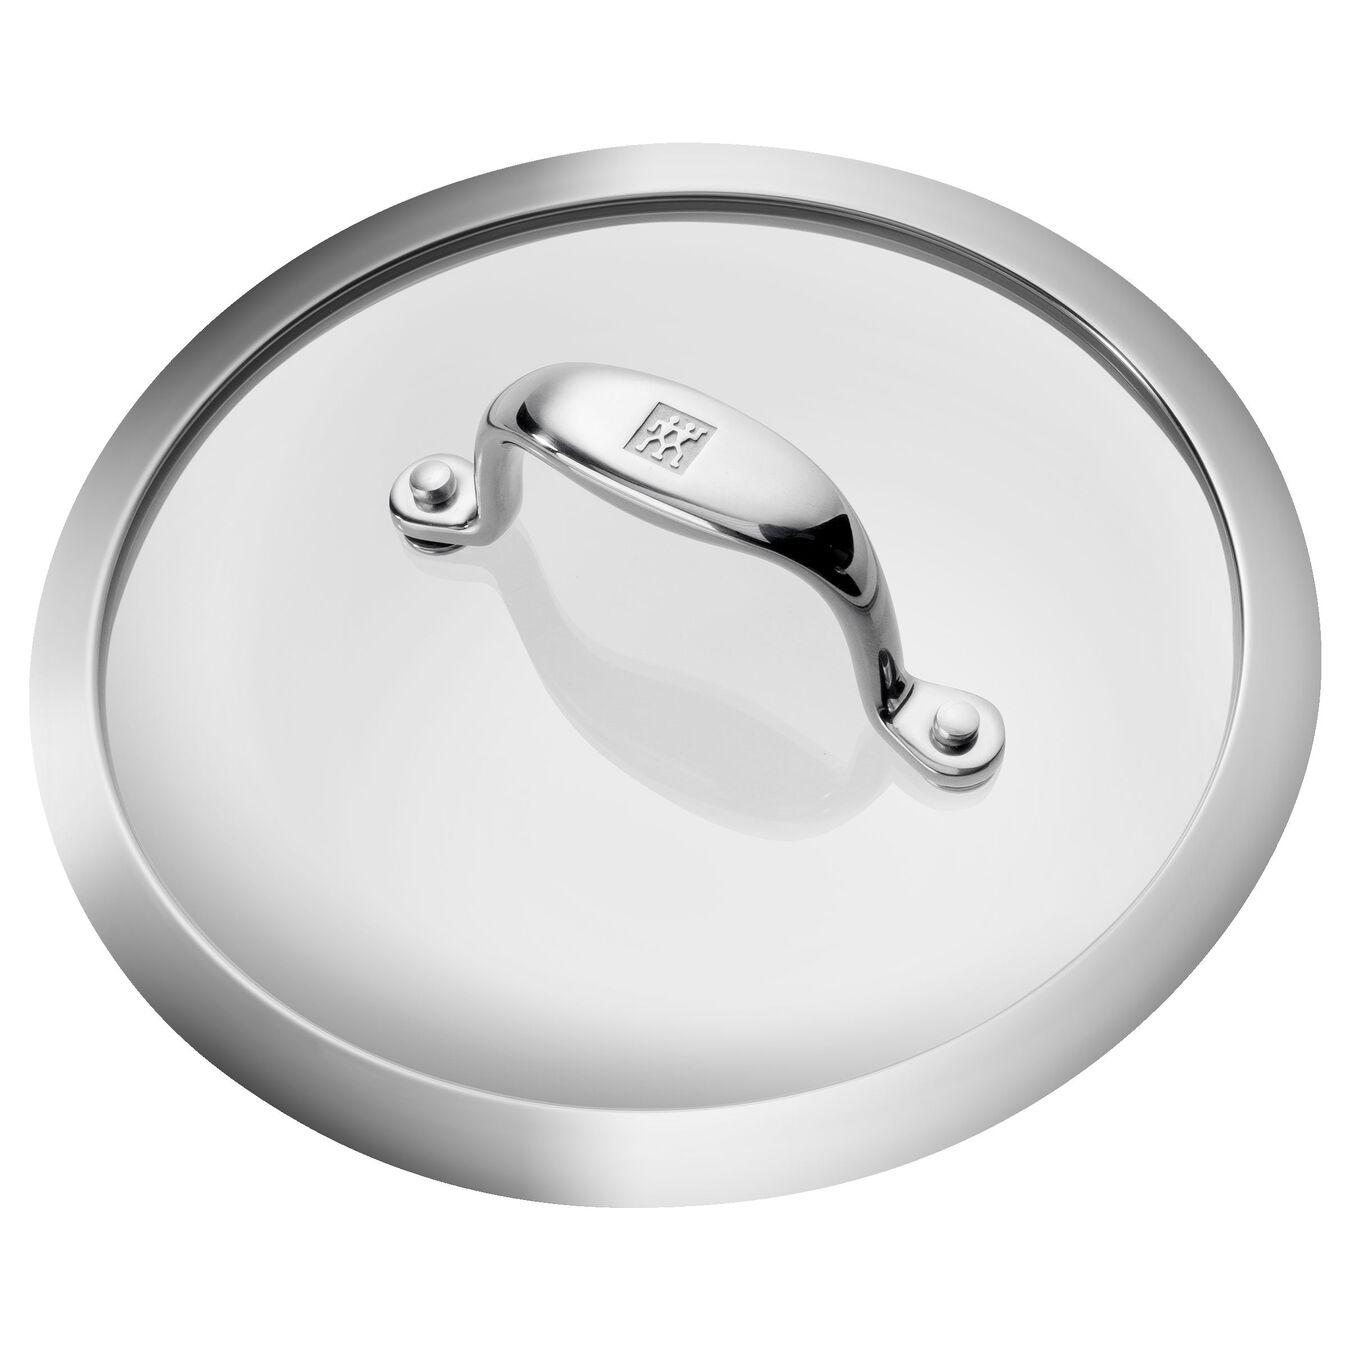 Casseruola con manico - 18 cm, alluminio, Duraslide Ti-X,,large 4